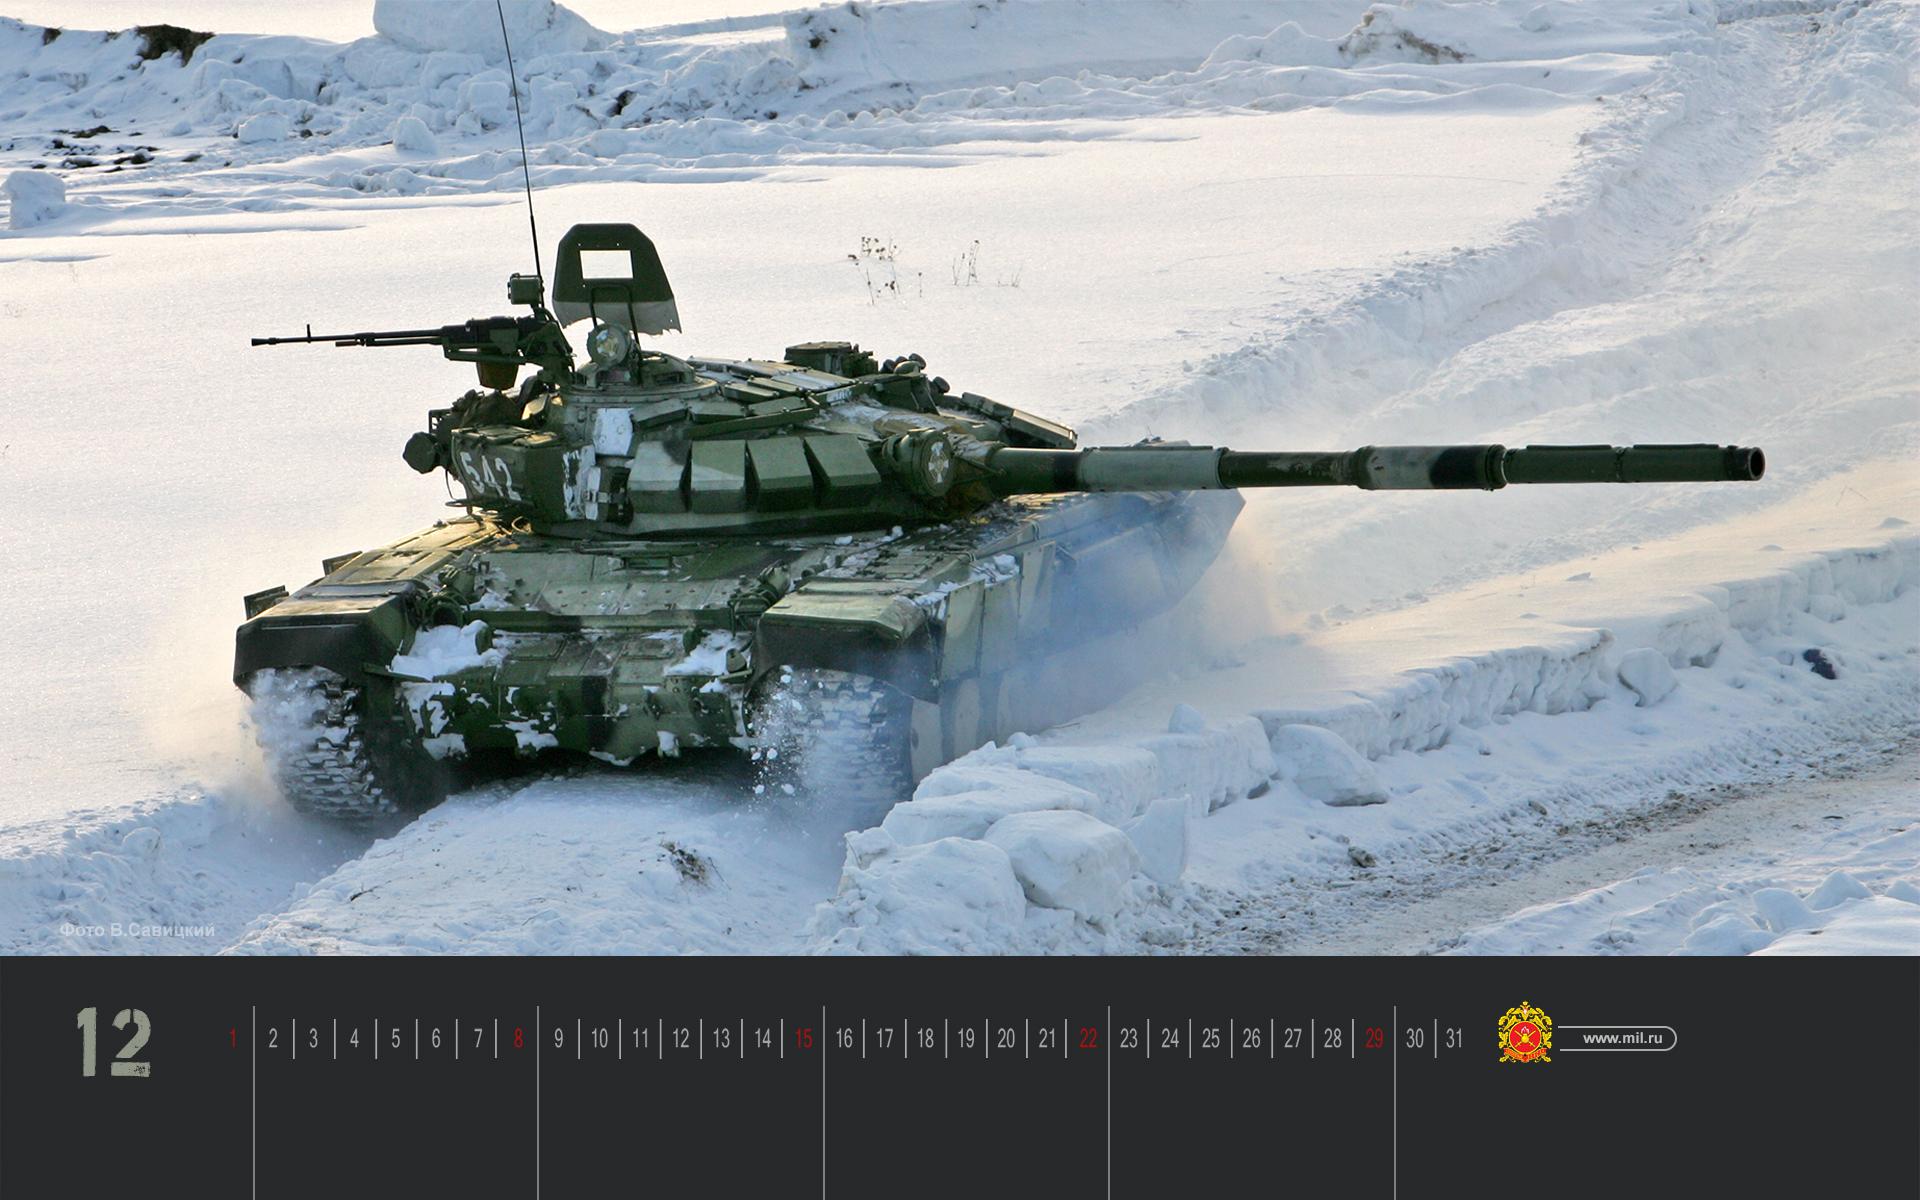 El nuevo ejército ruso... - Página 2 0_86dc8_797cc9ee_orig